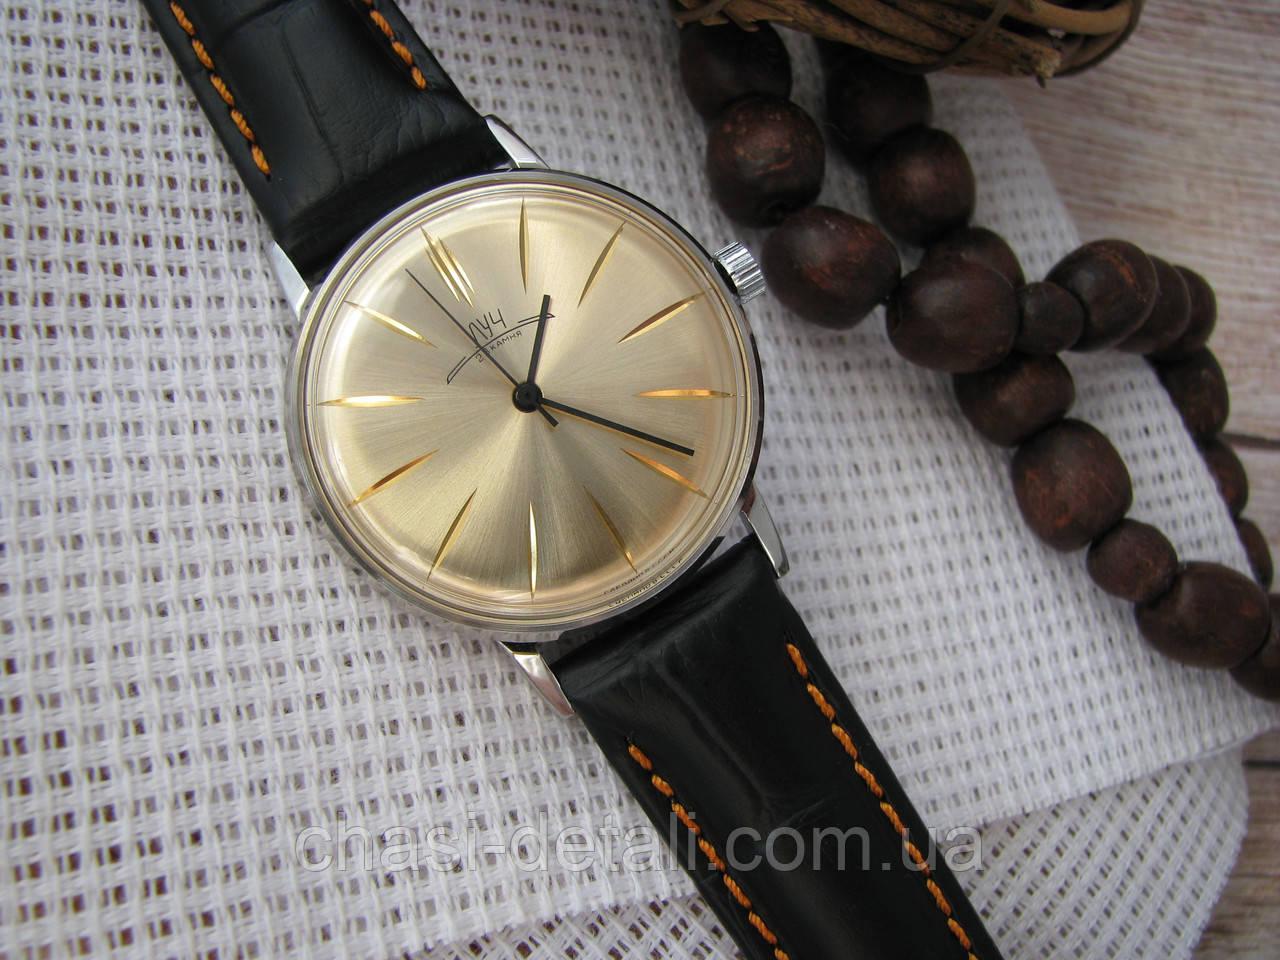 Ультратонкие Часы Луч. механизм 2209, 23 камня.